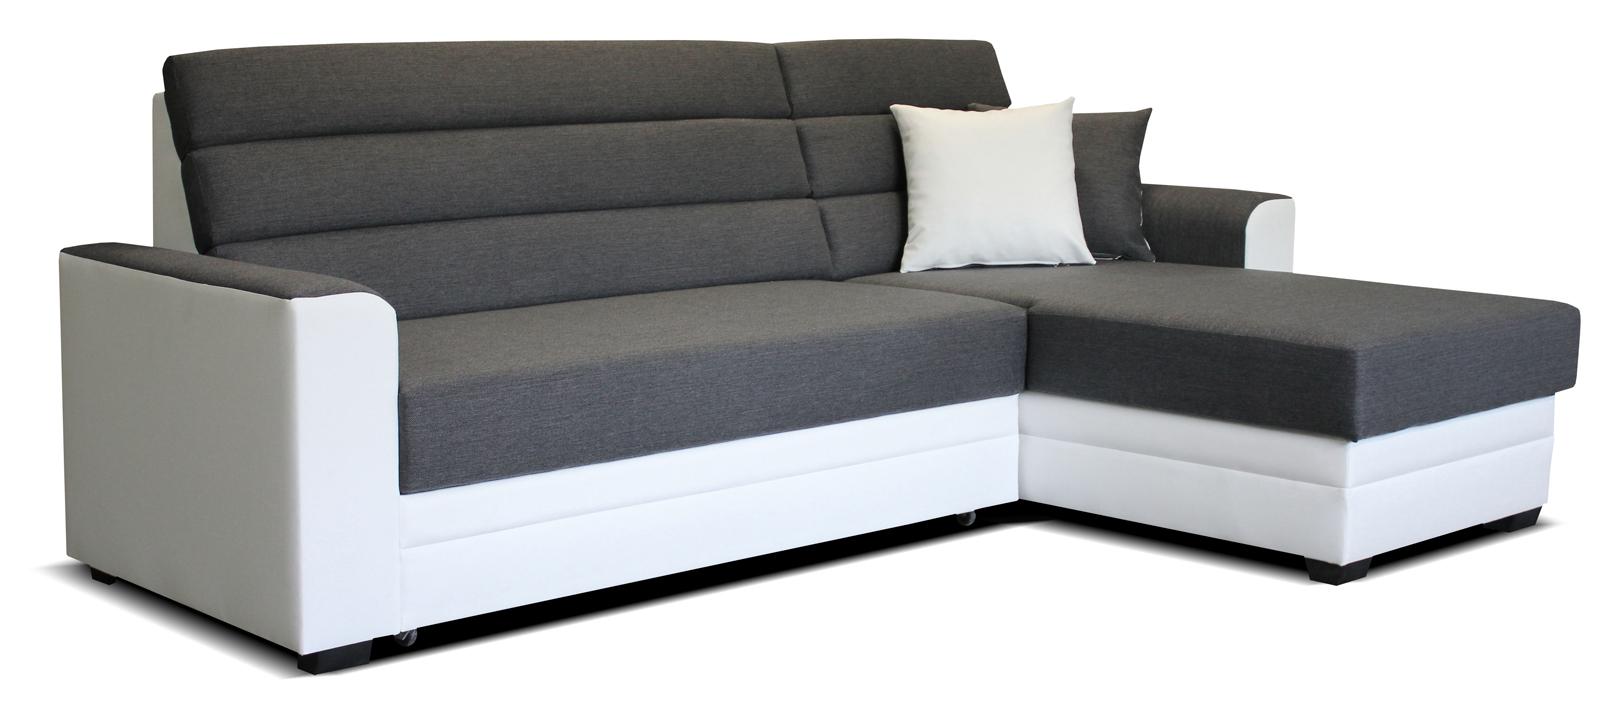 Rohová sedací souprava - Po-Sed - Ulm 2F+L (šedá + bílá) (P)